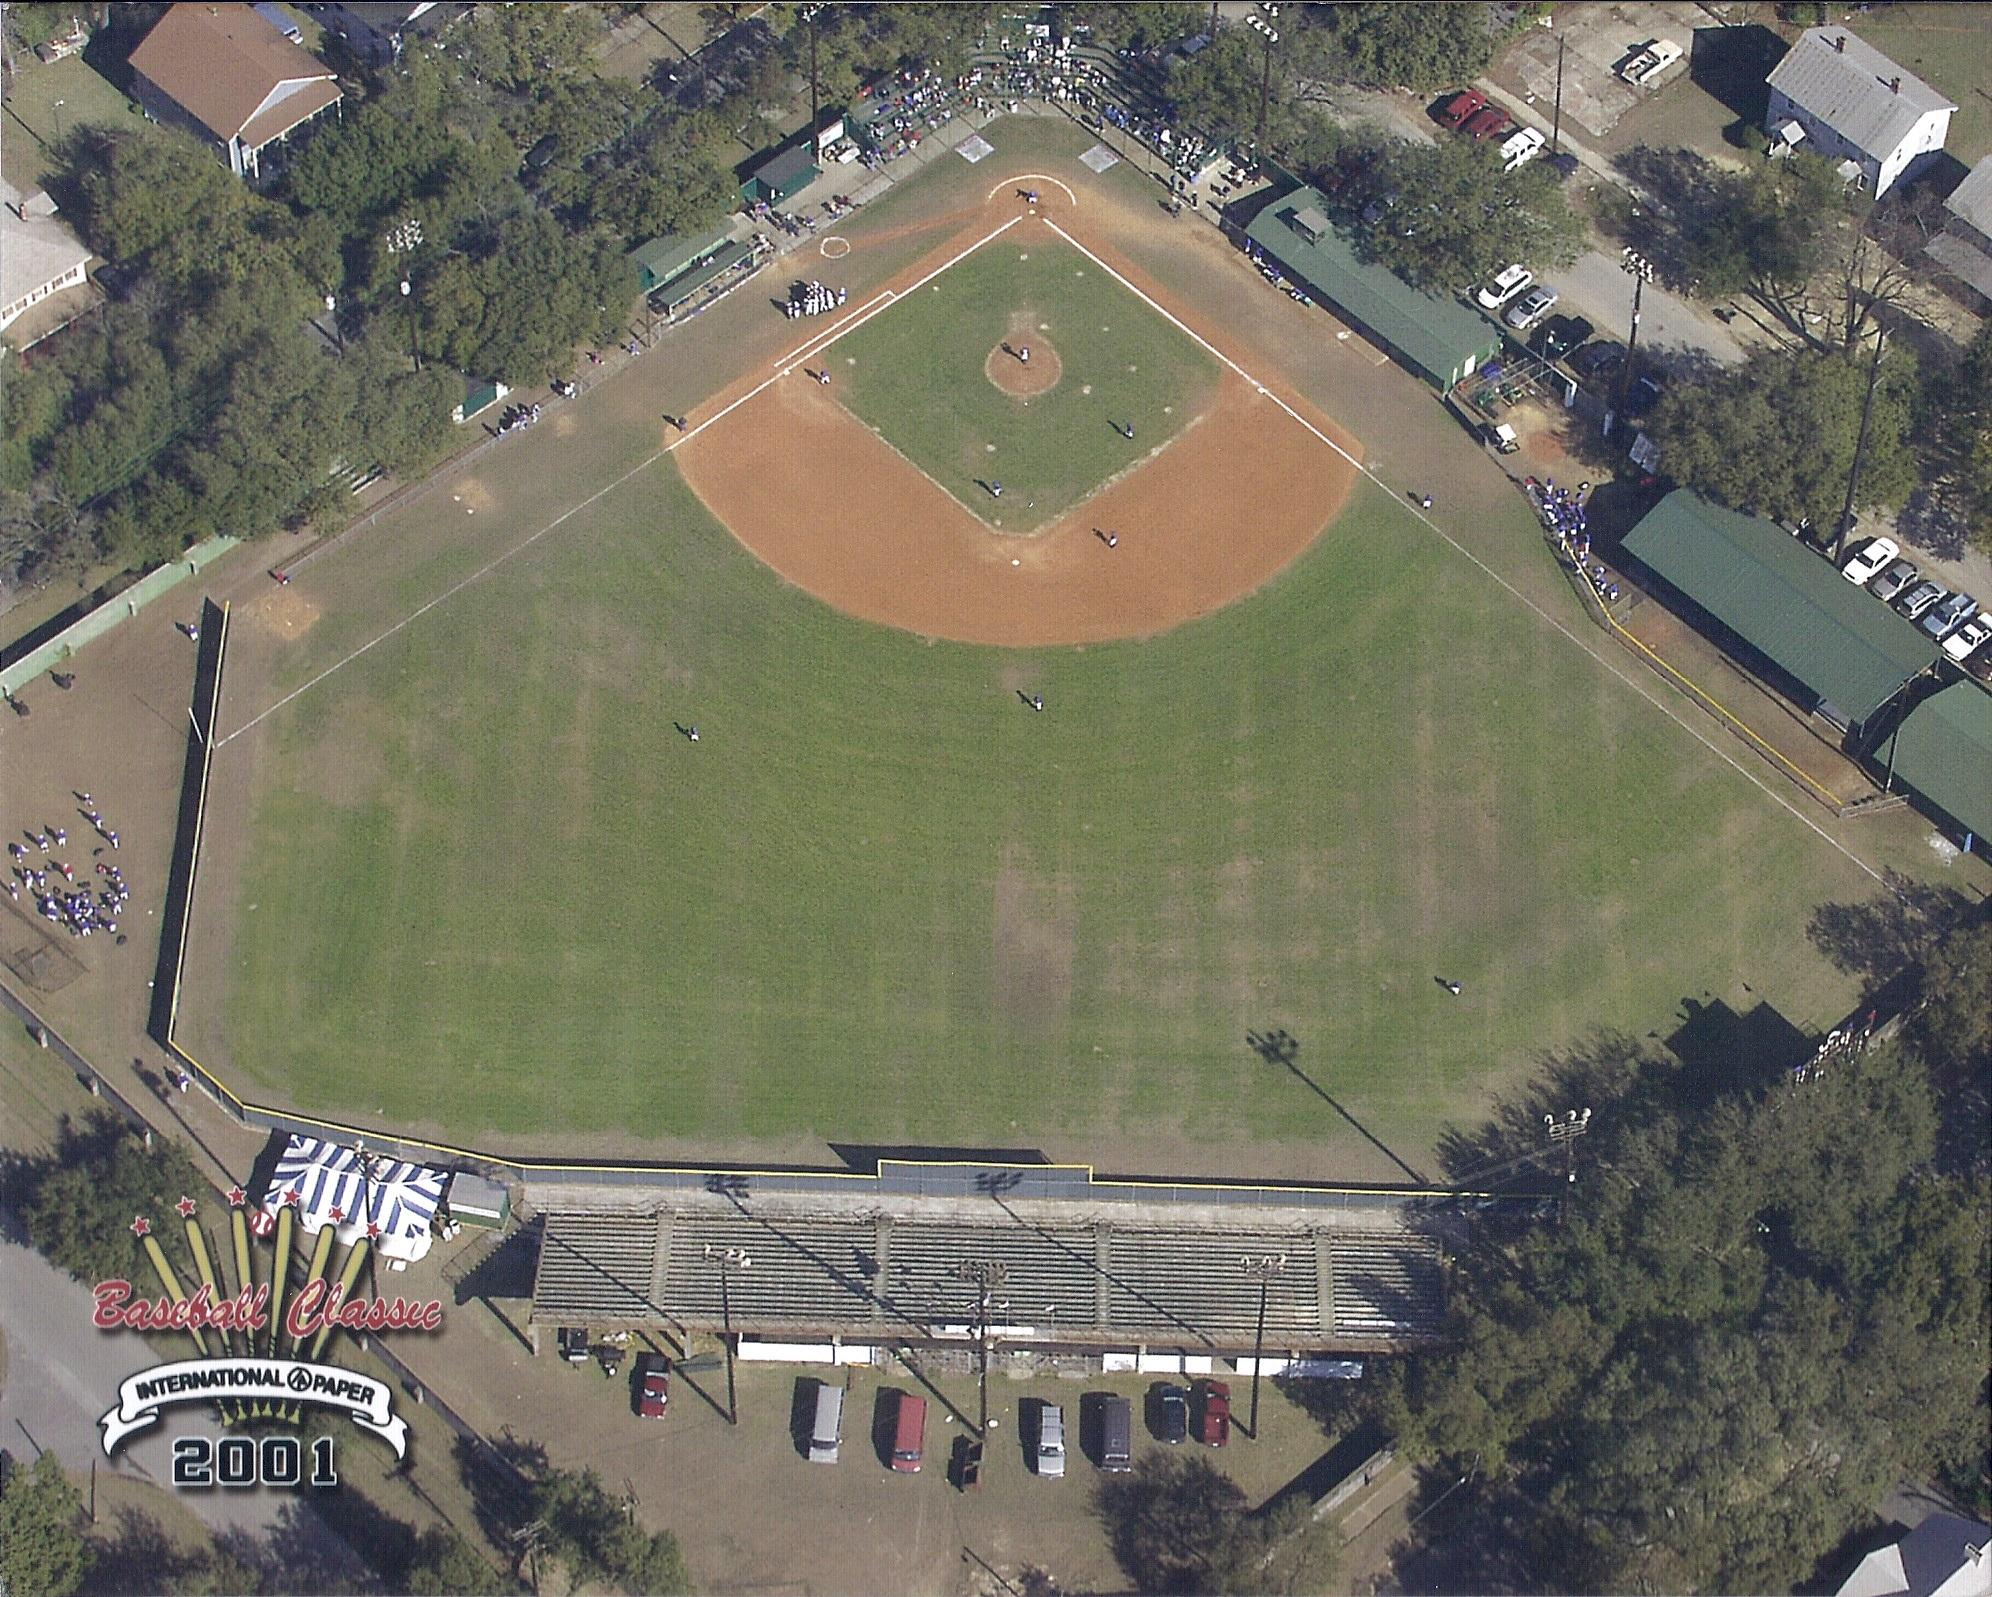 MJ Park 2001.jpg